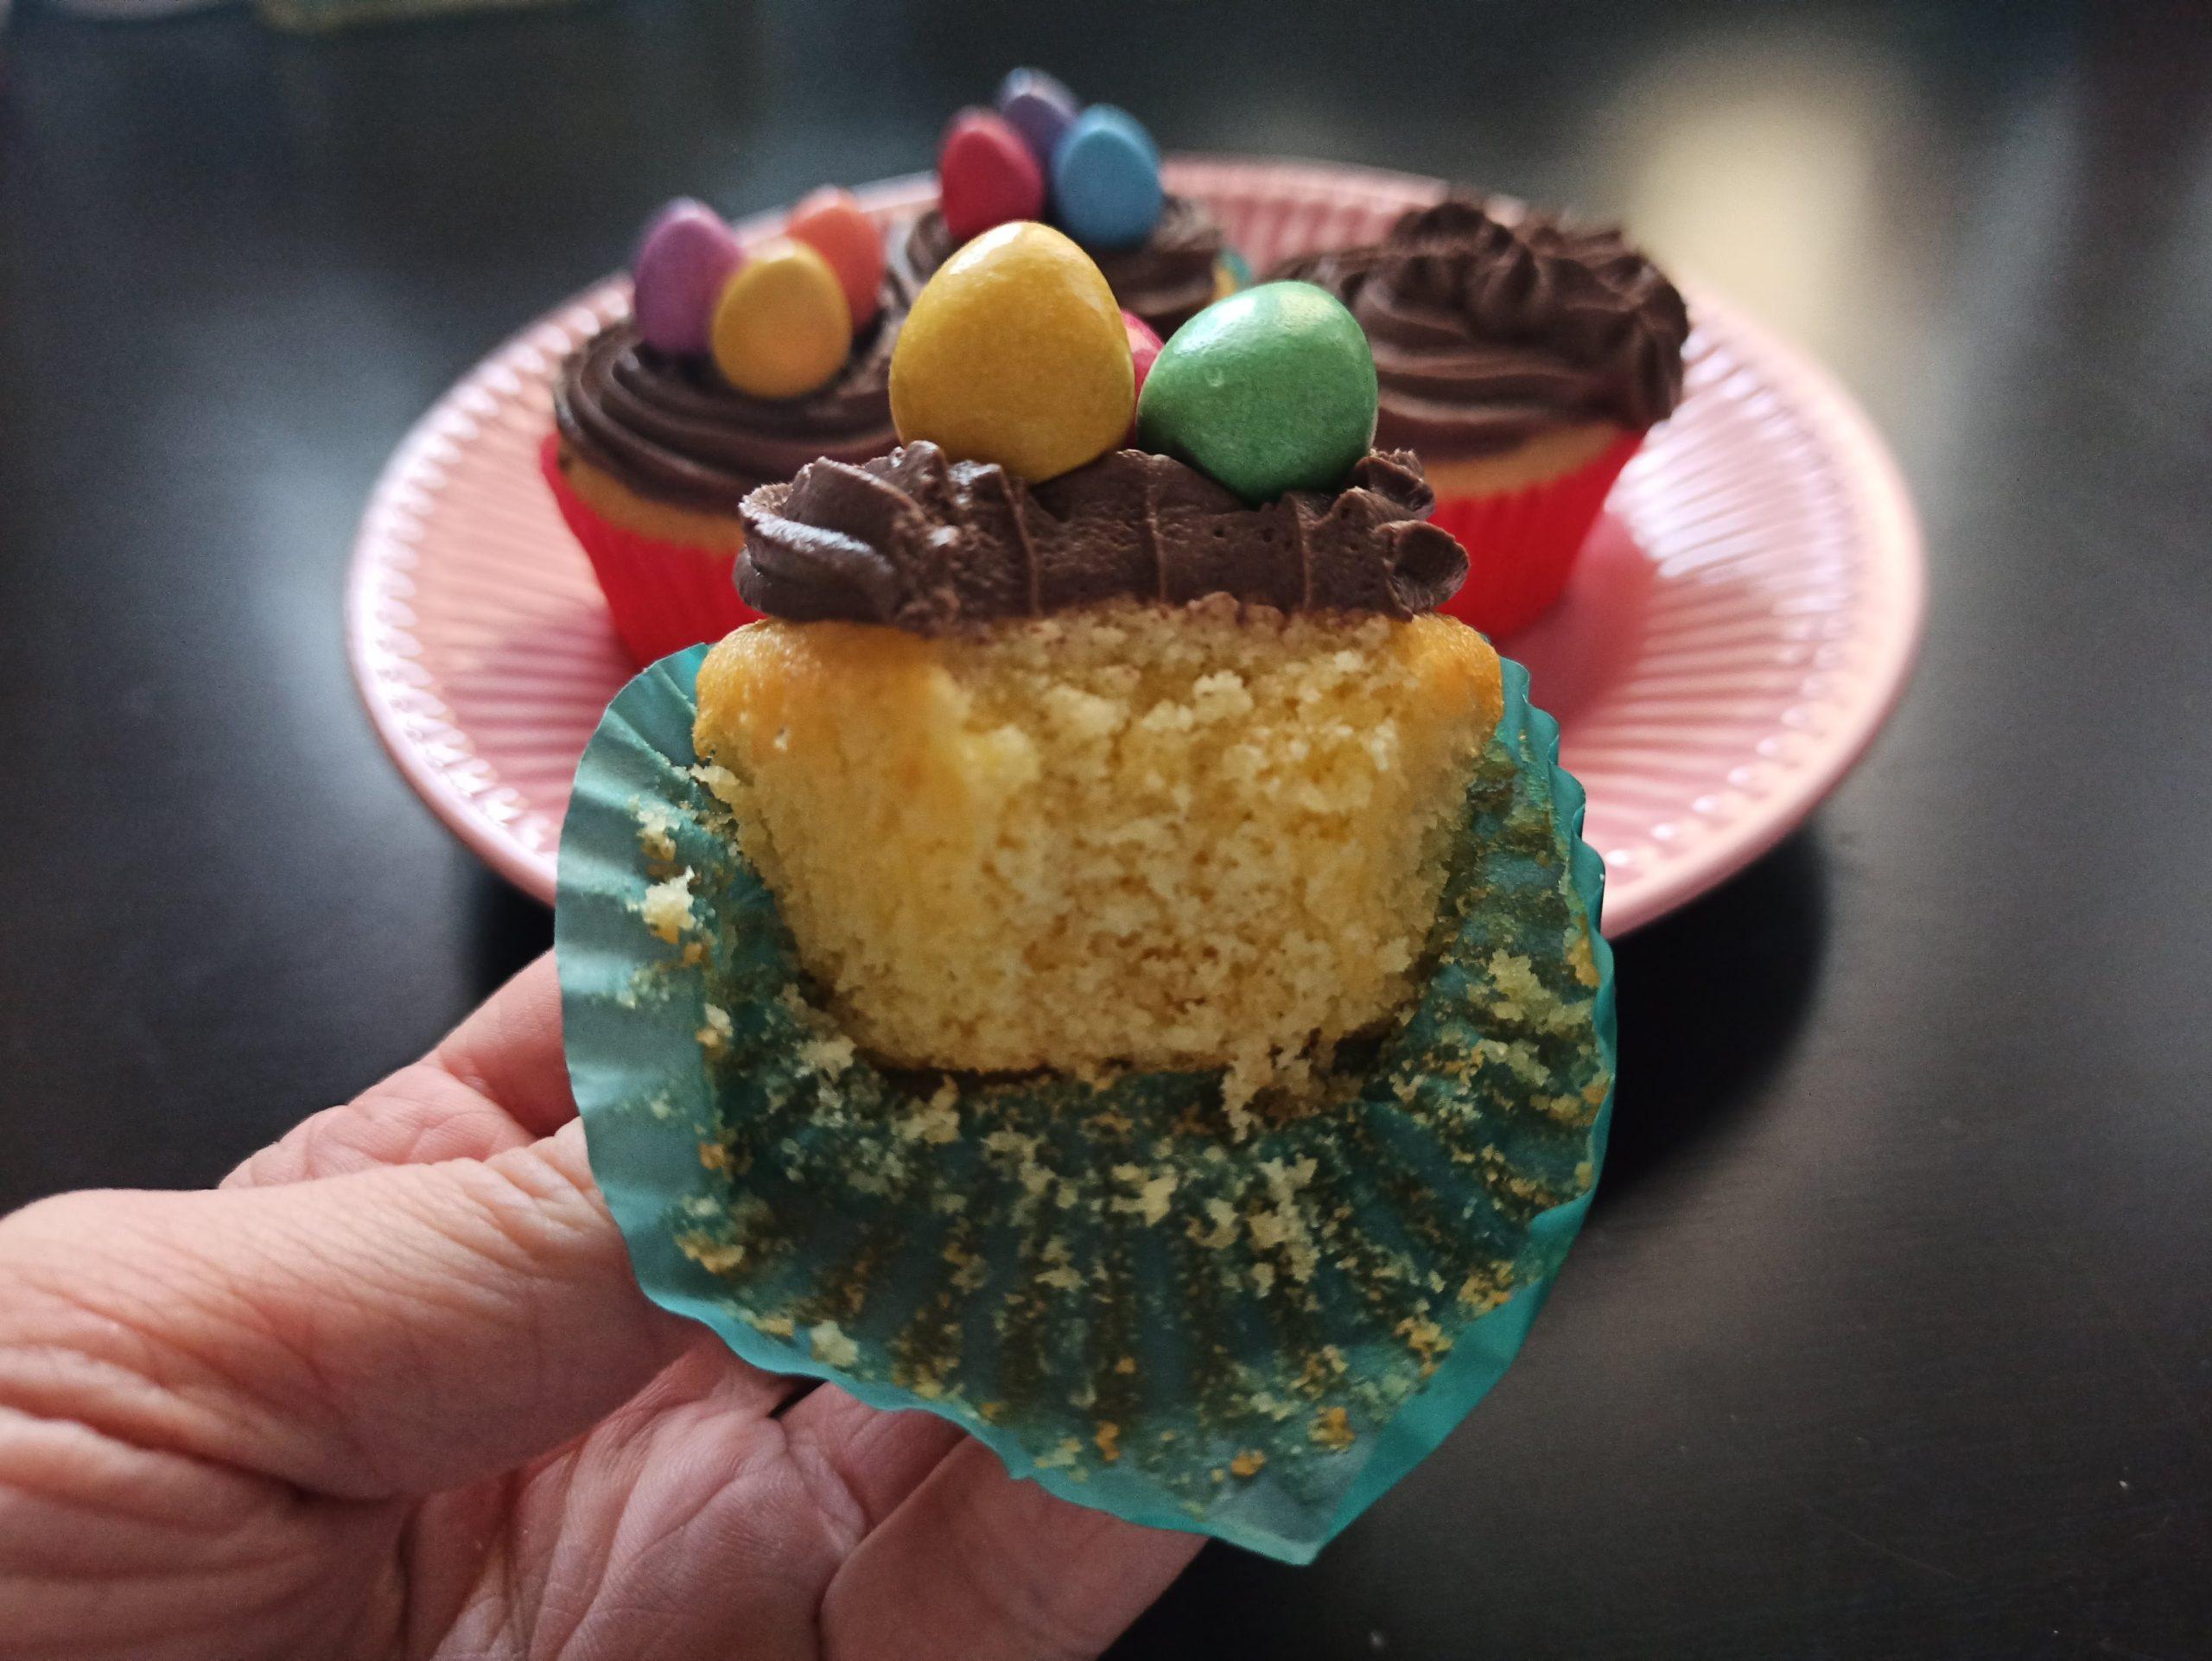 nakousnutý velikonoční muffiny s krémem z mascarpone